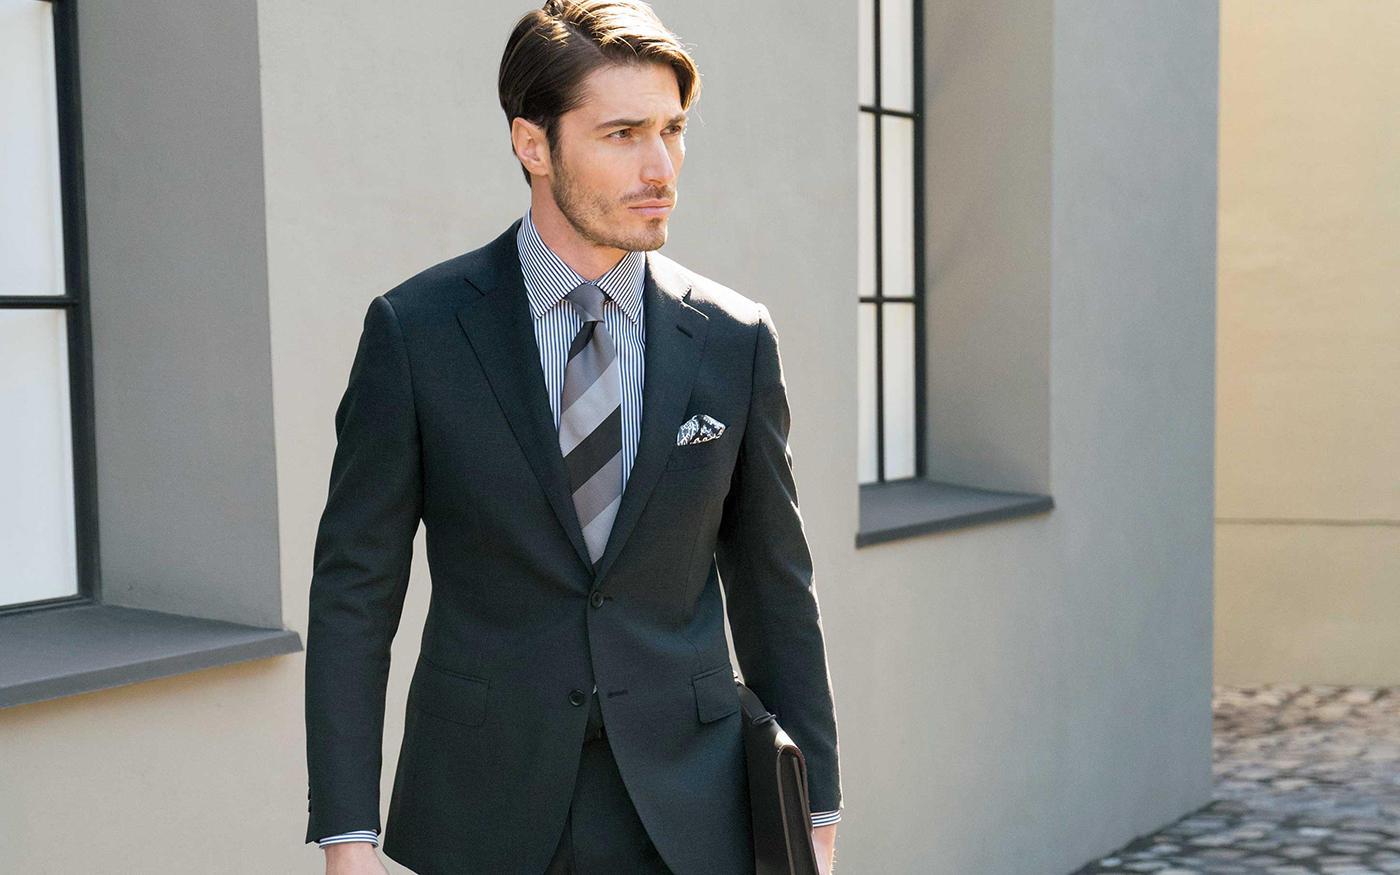 BUSINESS STYLEーー||マッキントッシュ ロンドンが提案する||働く男のための2つのスタイル